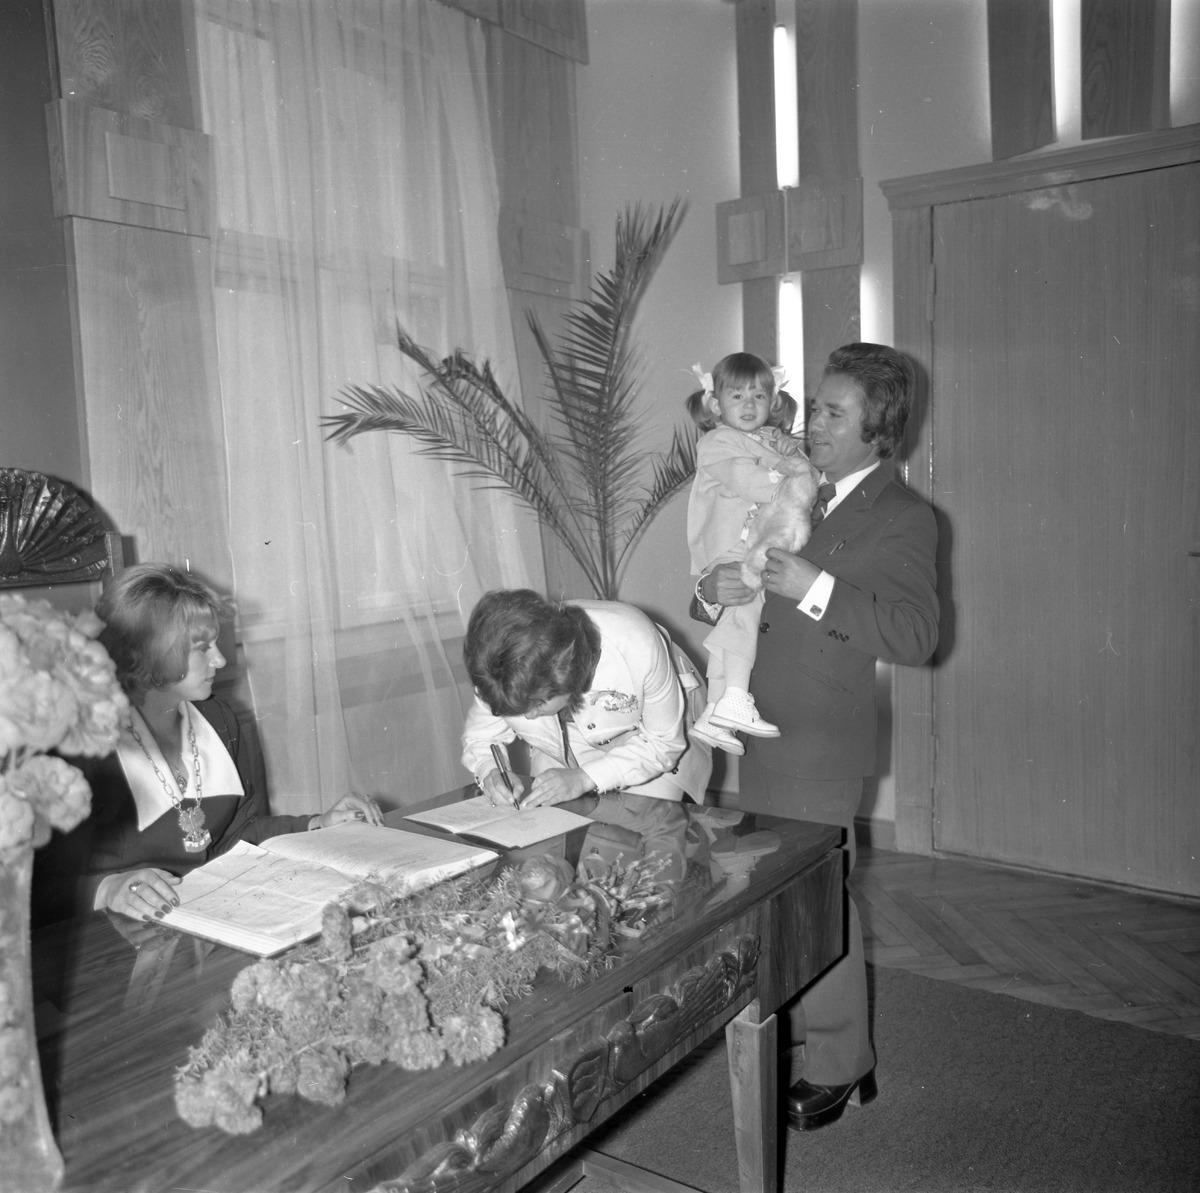 Chrzest cywilny w Urzędzie Stanu Cywilnego